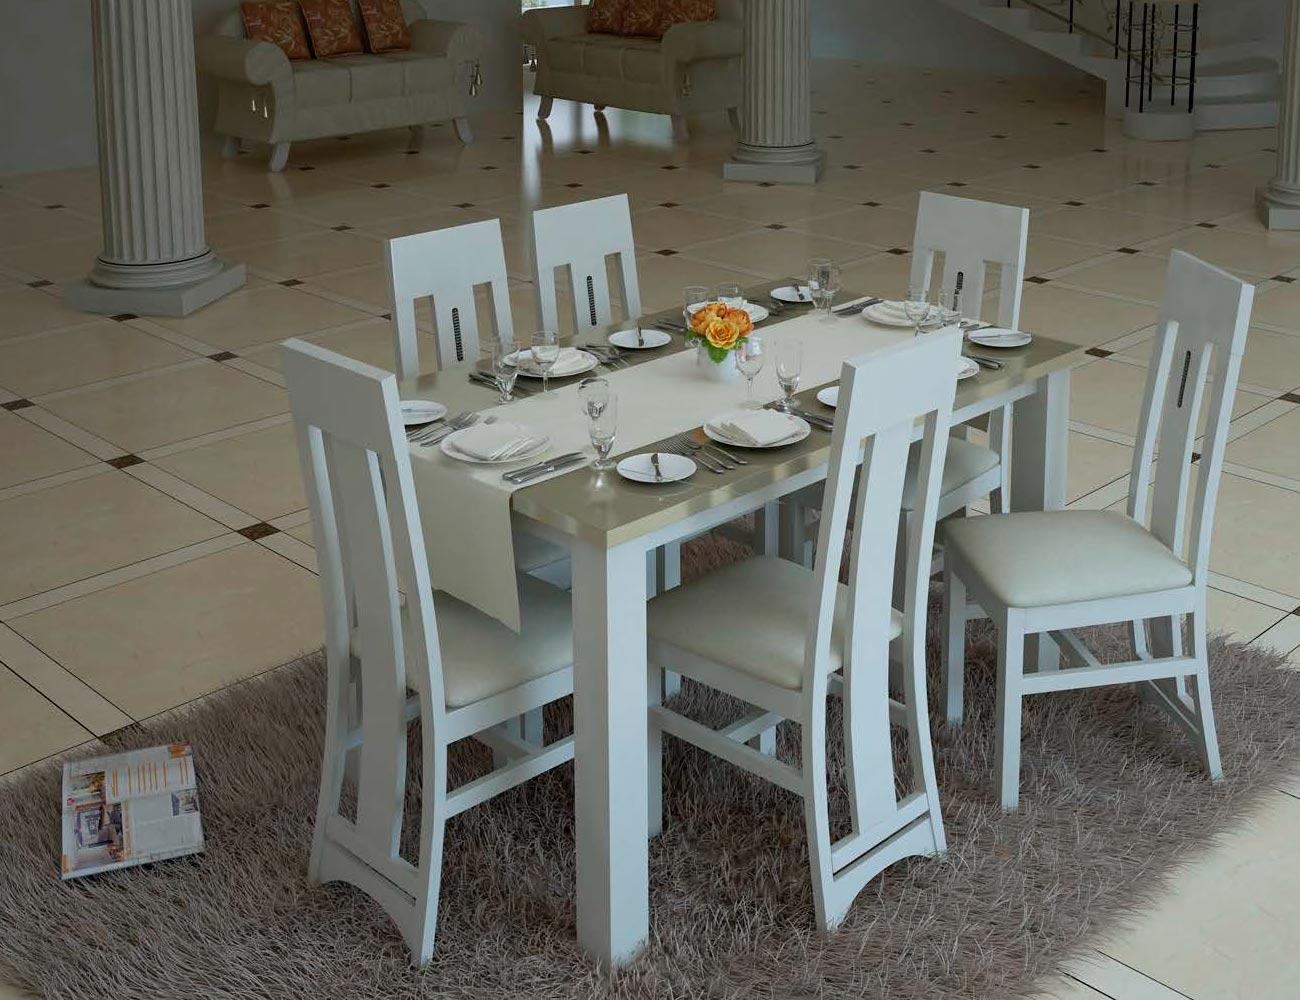 Mesa sillas neoclasico color 504 t6031